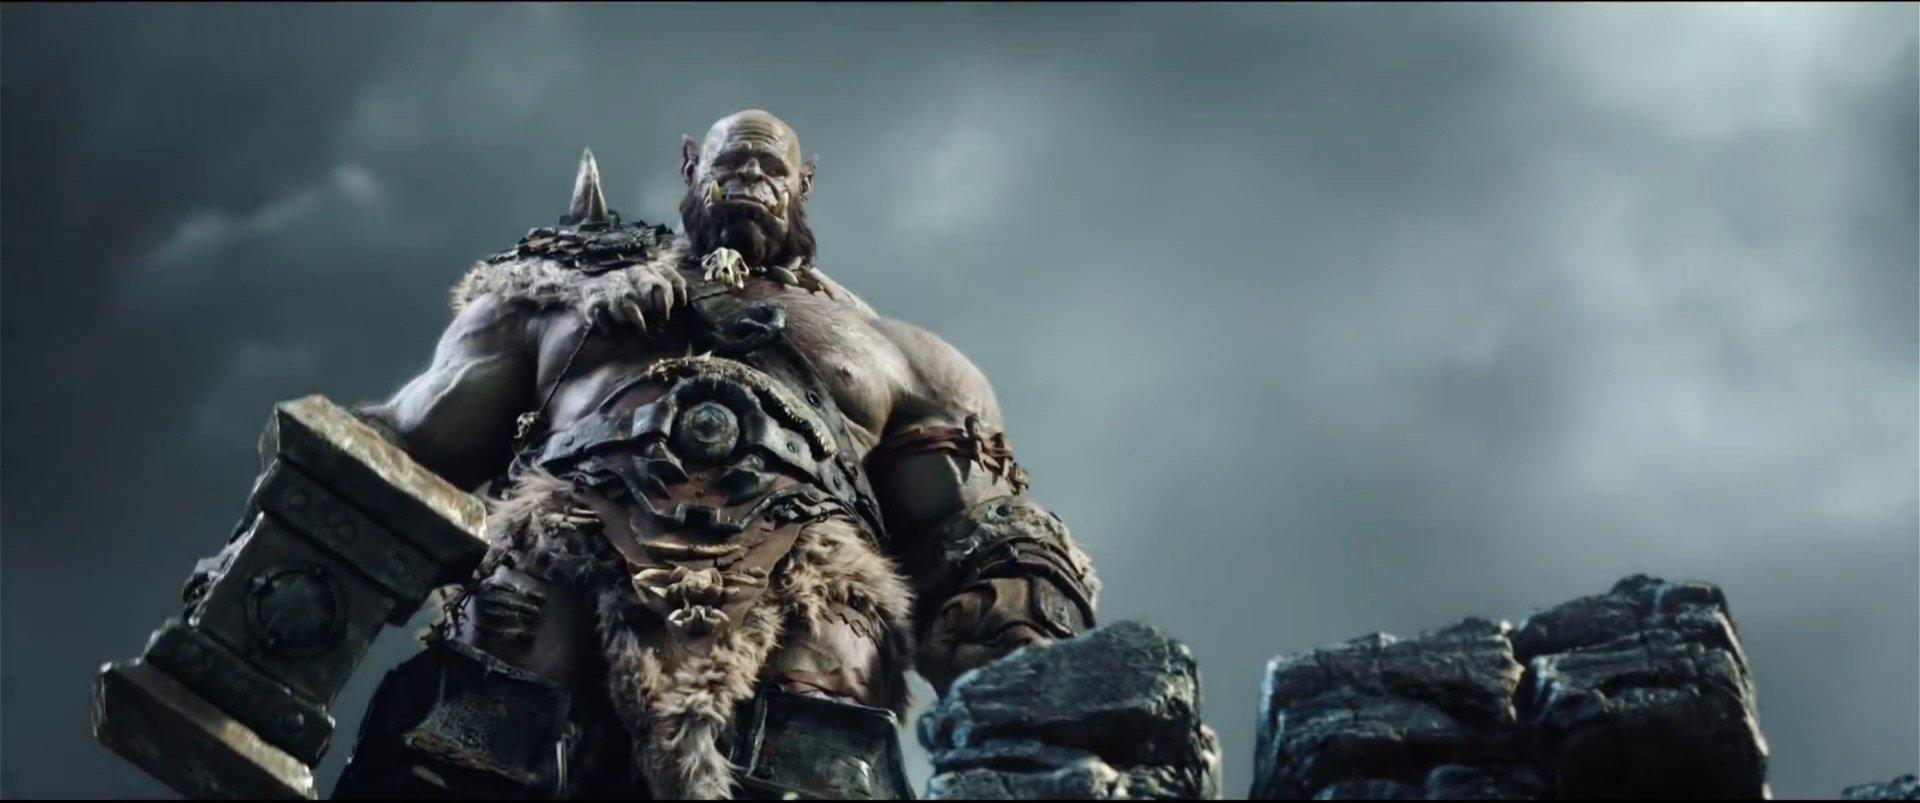 Варкрафт кино фильм игра warcraft оценки рецензии первые отзывы обзоры новости кино игры отвратительные мужики